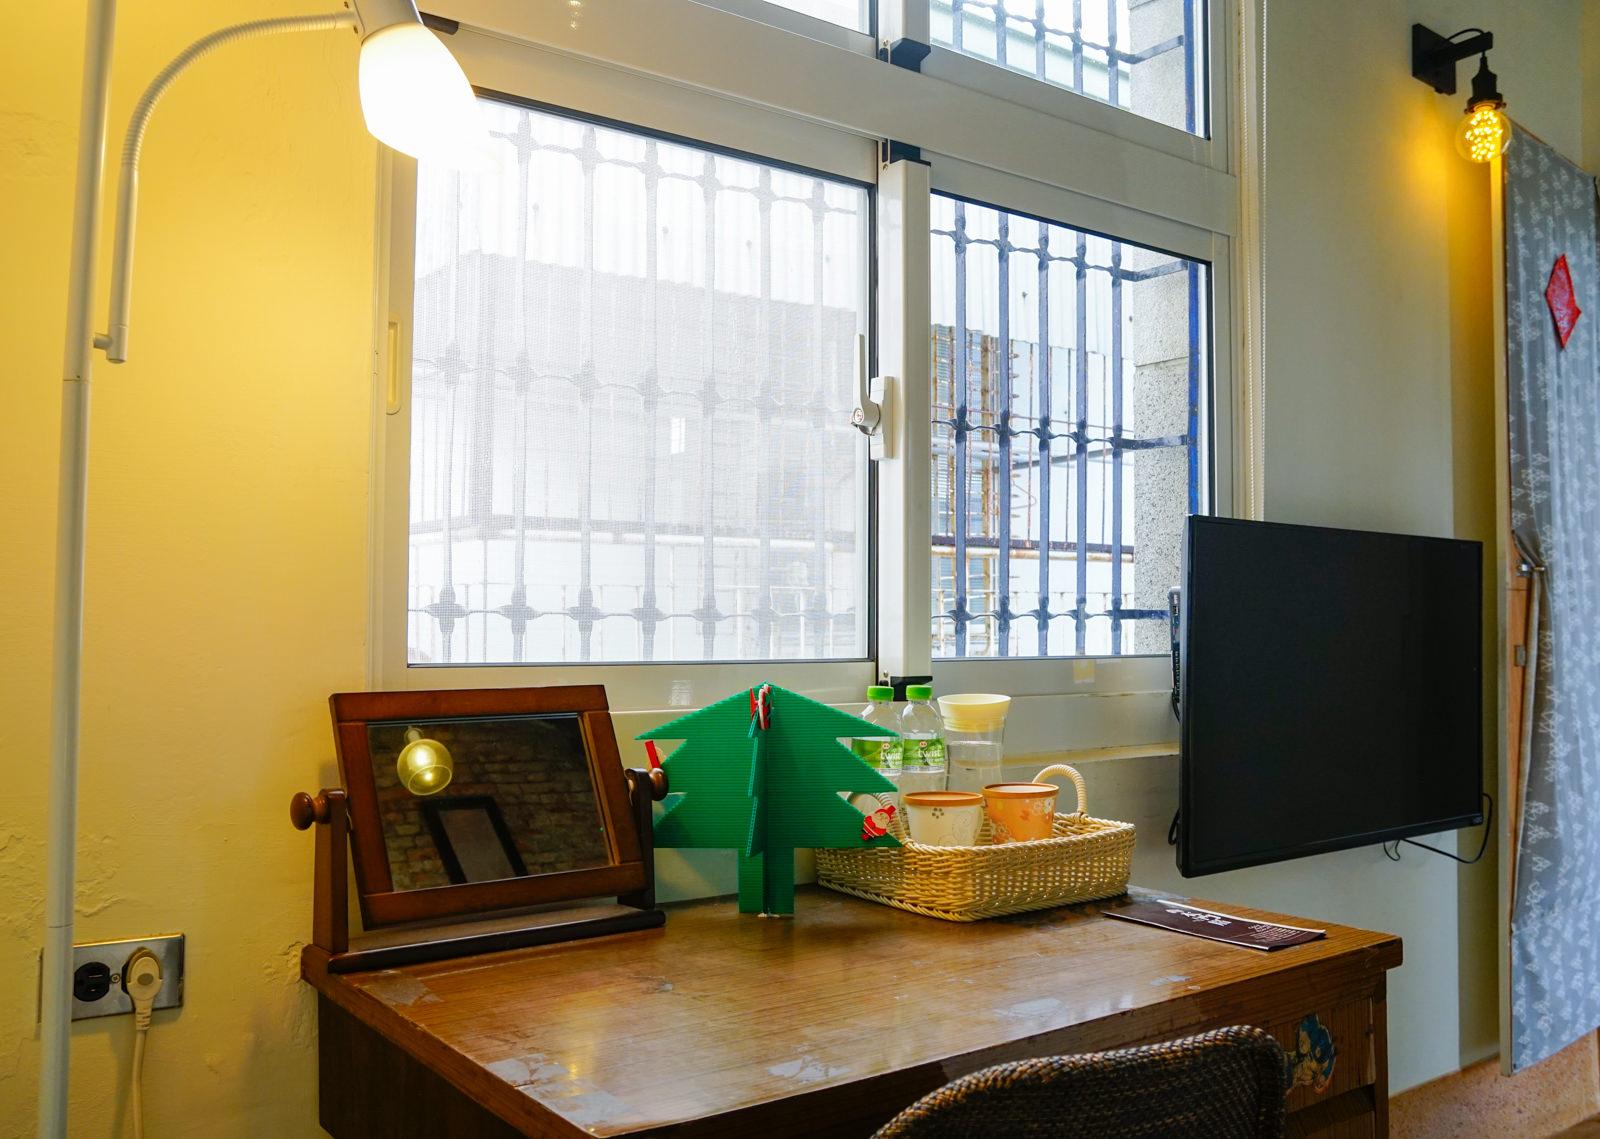 [台南]一緒二 x 木門厝 Moment Cafe-夢幻Tiffany藍x迷人窗光 風靡外國旅客的70年安平古宅民宿  台南安平民宿推薦 @美食好芃友